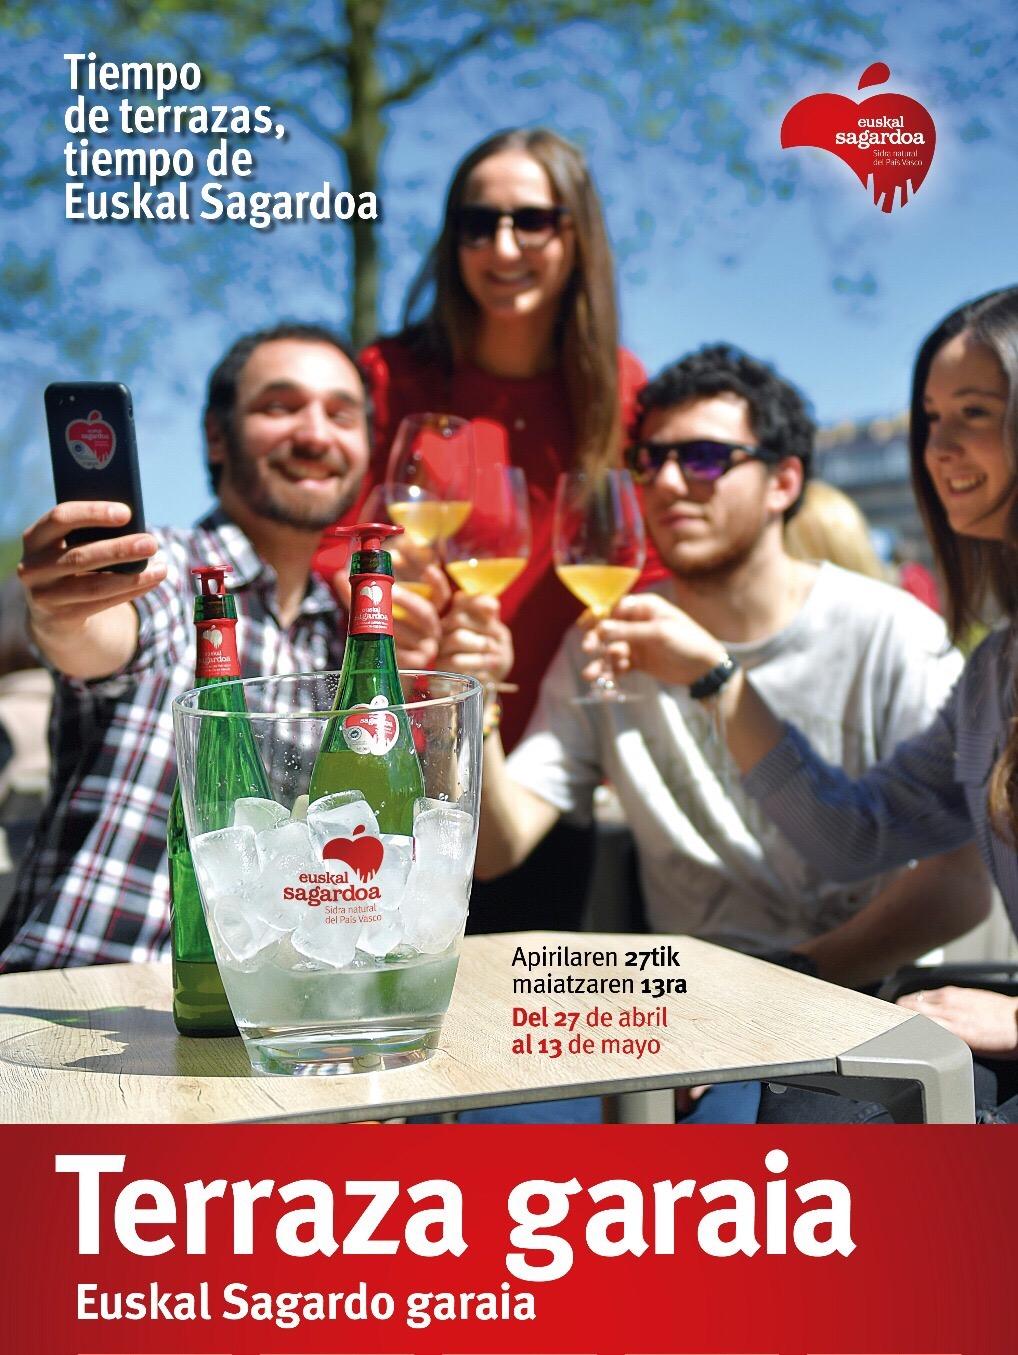 Badator terraza garaia, Euskal Sagardo garaia